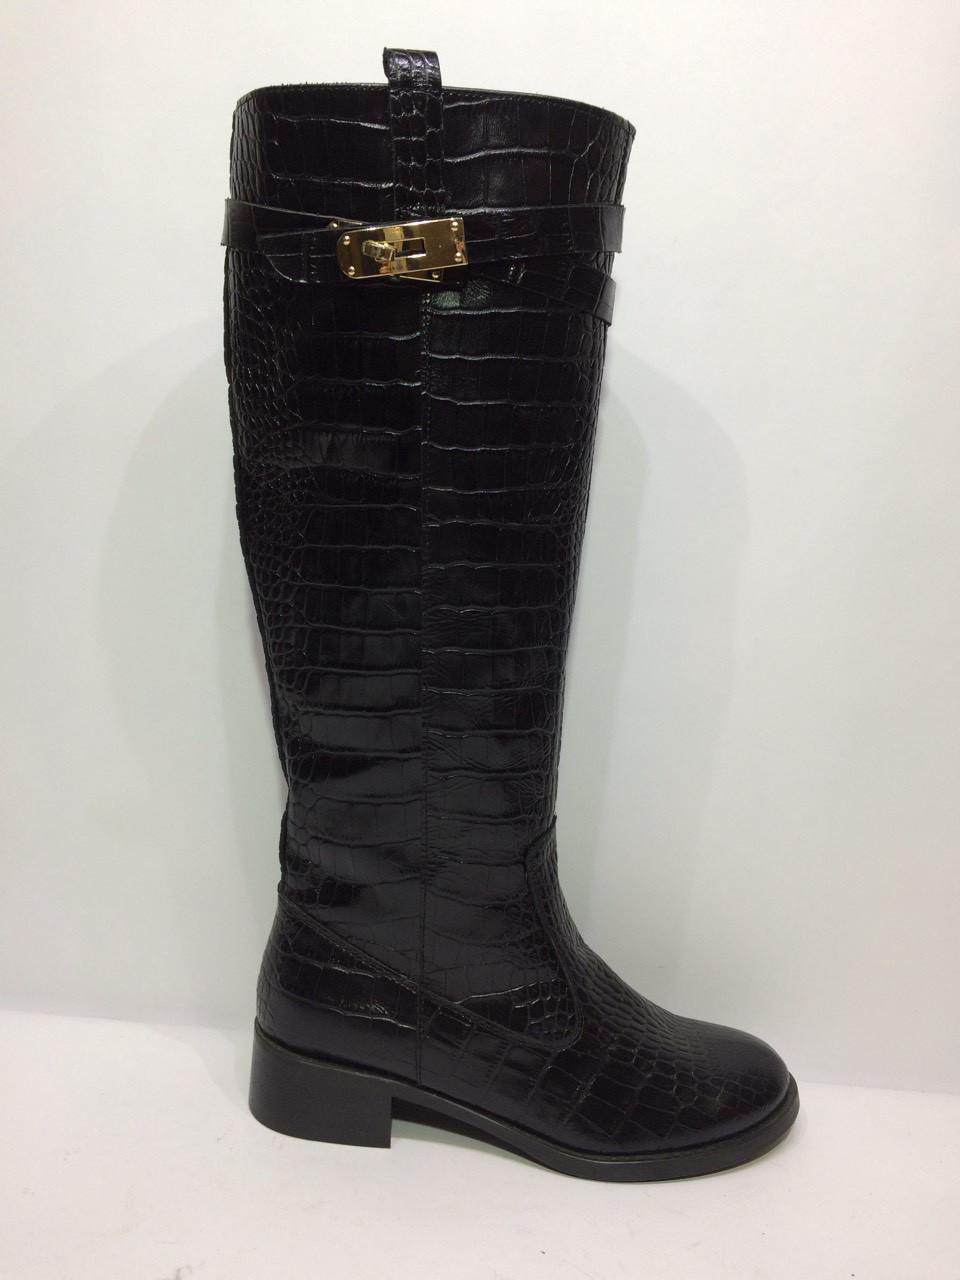 Модные женские сапожки -  замочек из натуральной кожи под крокодила черного цвета.